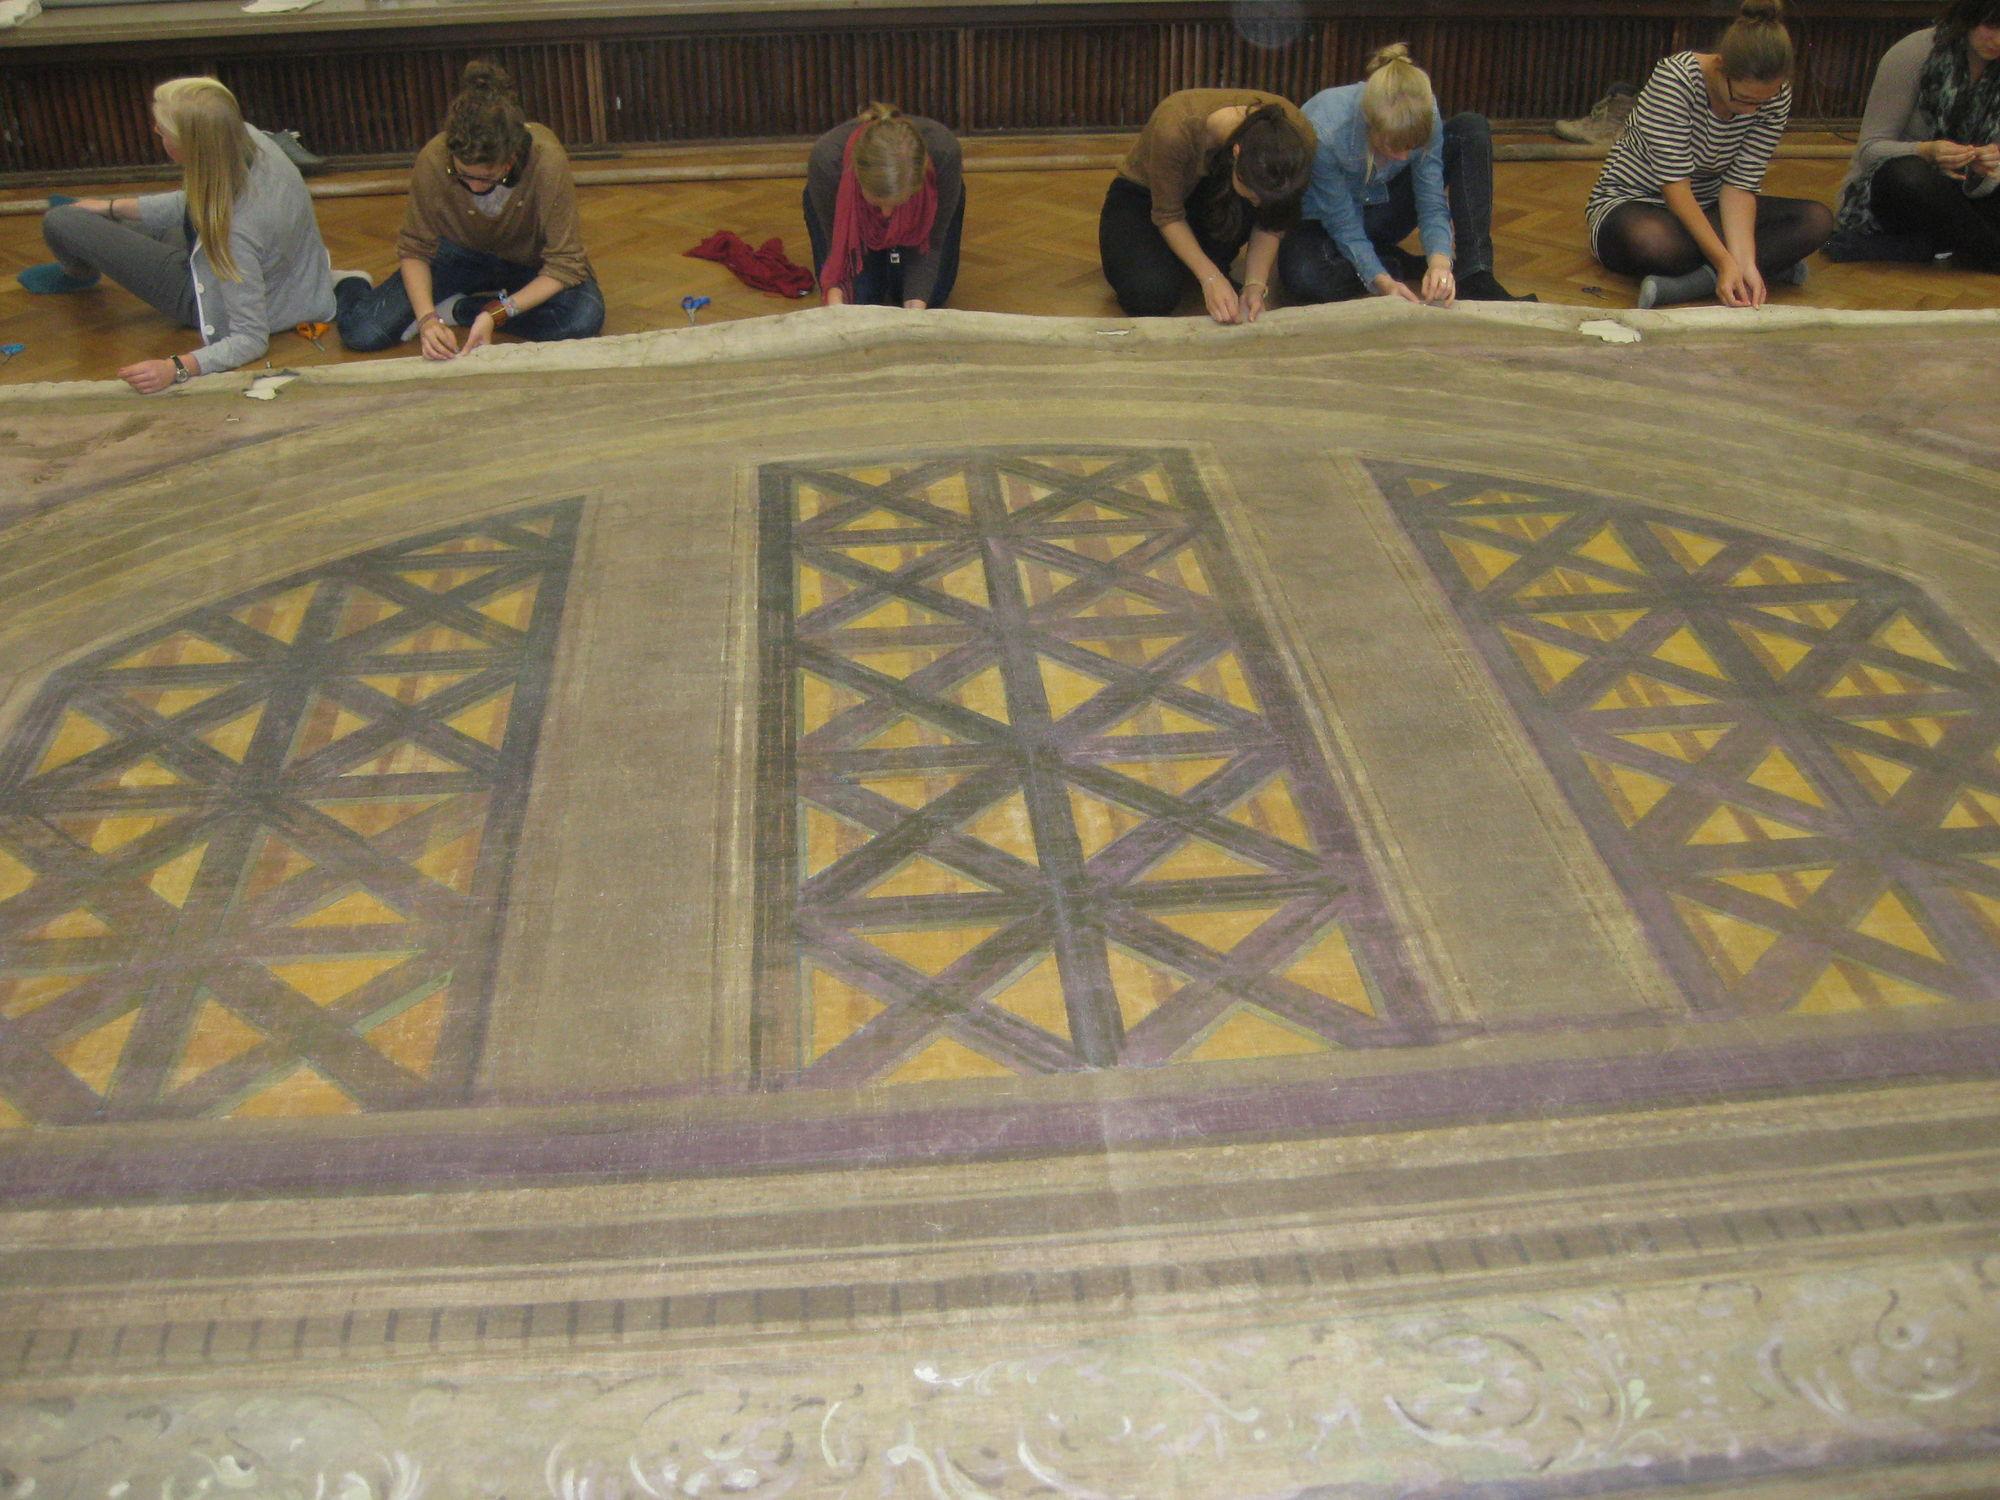 Fries van palais romain tijdens de restauratie